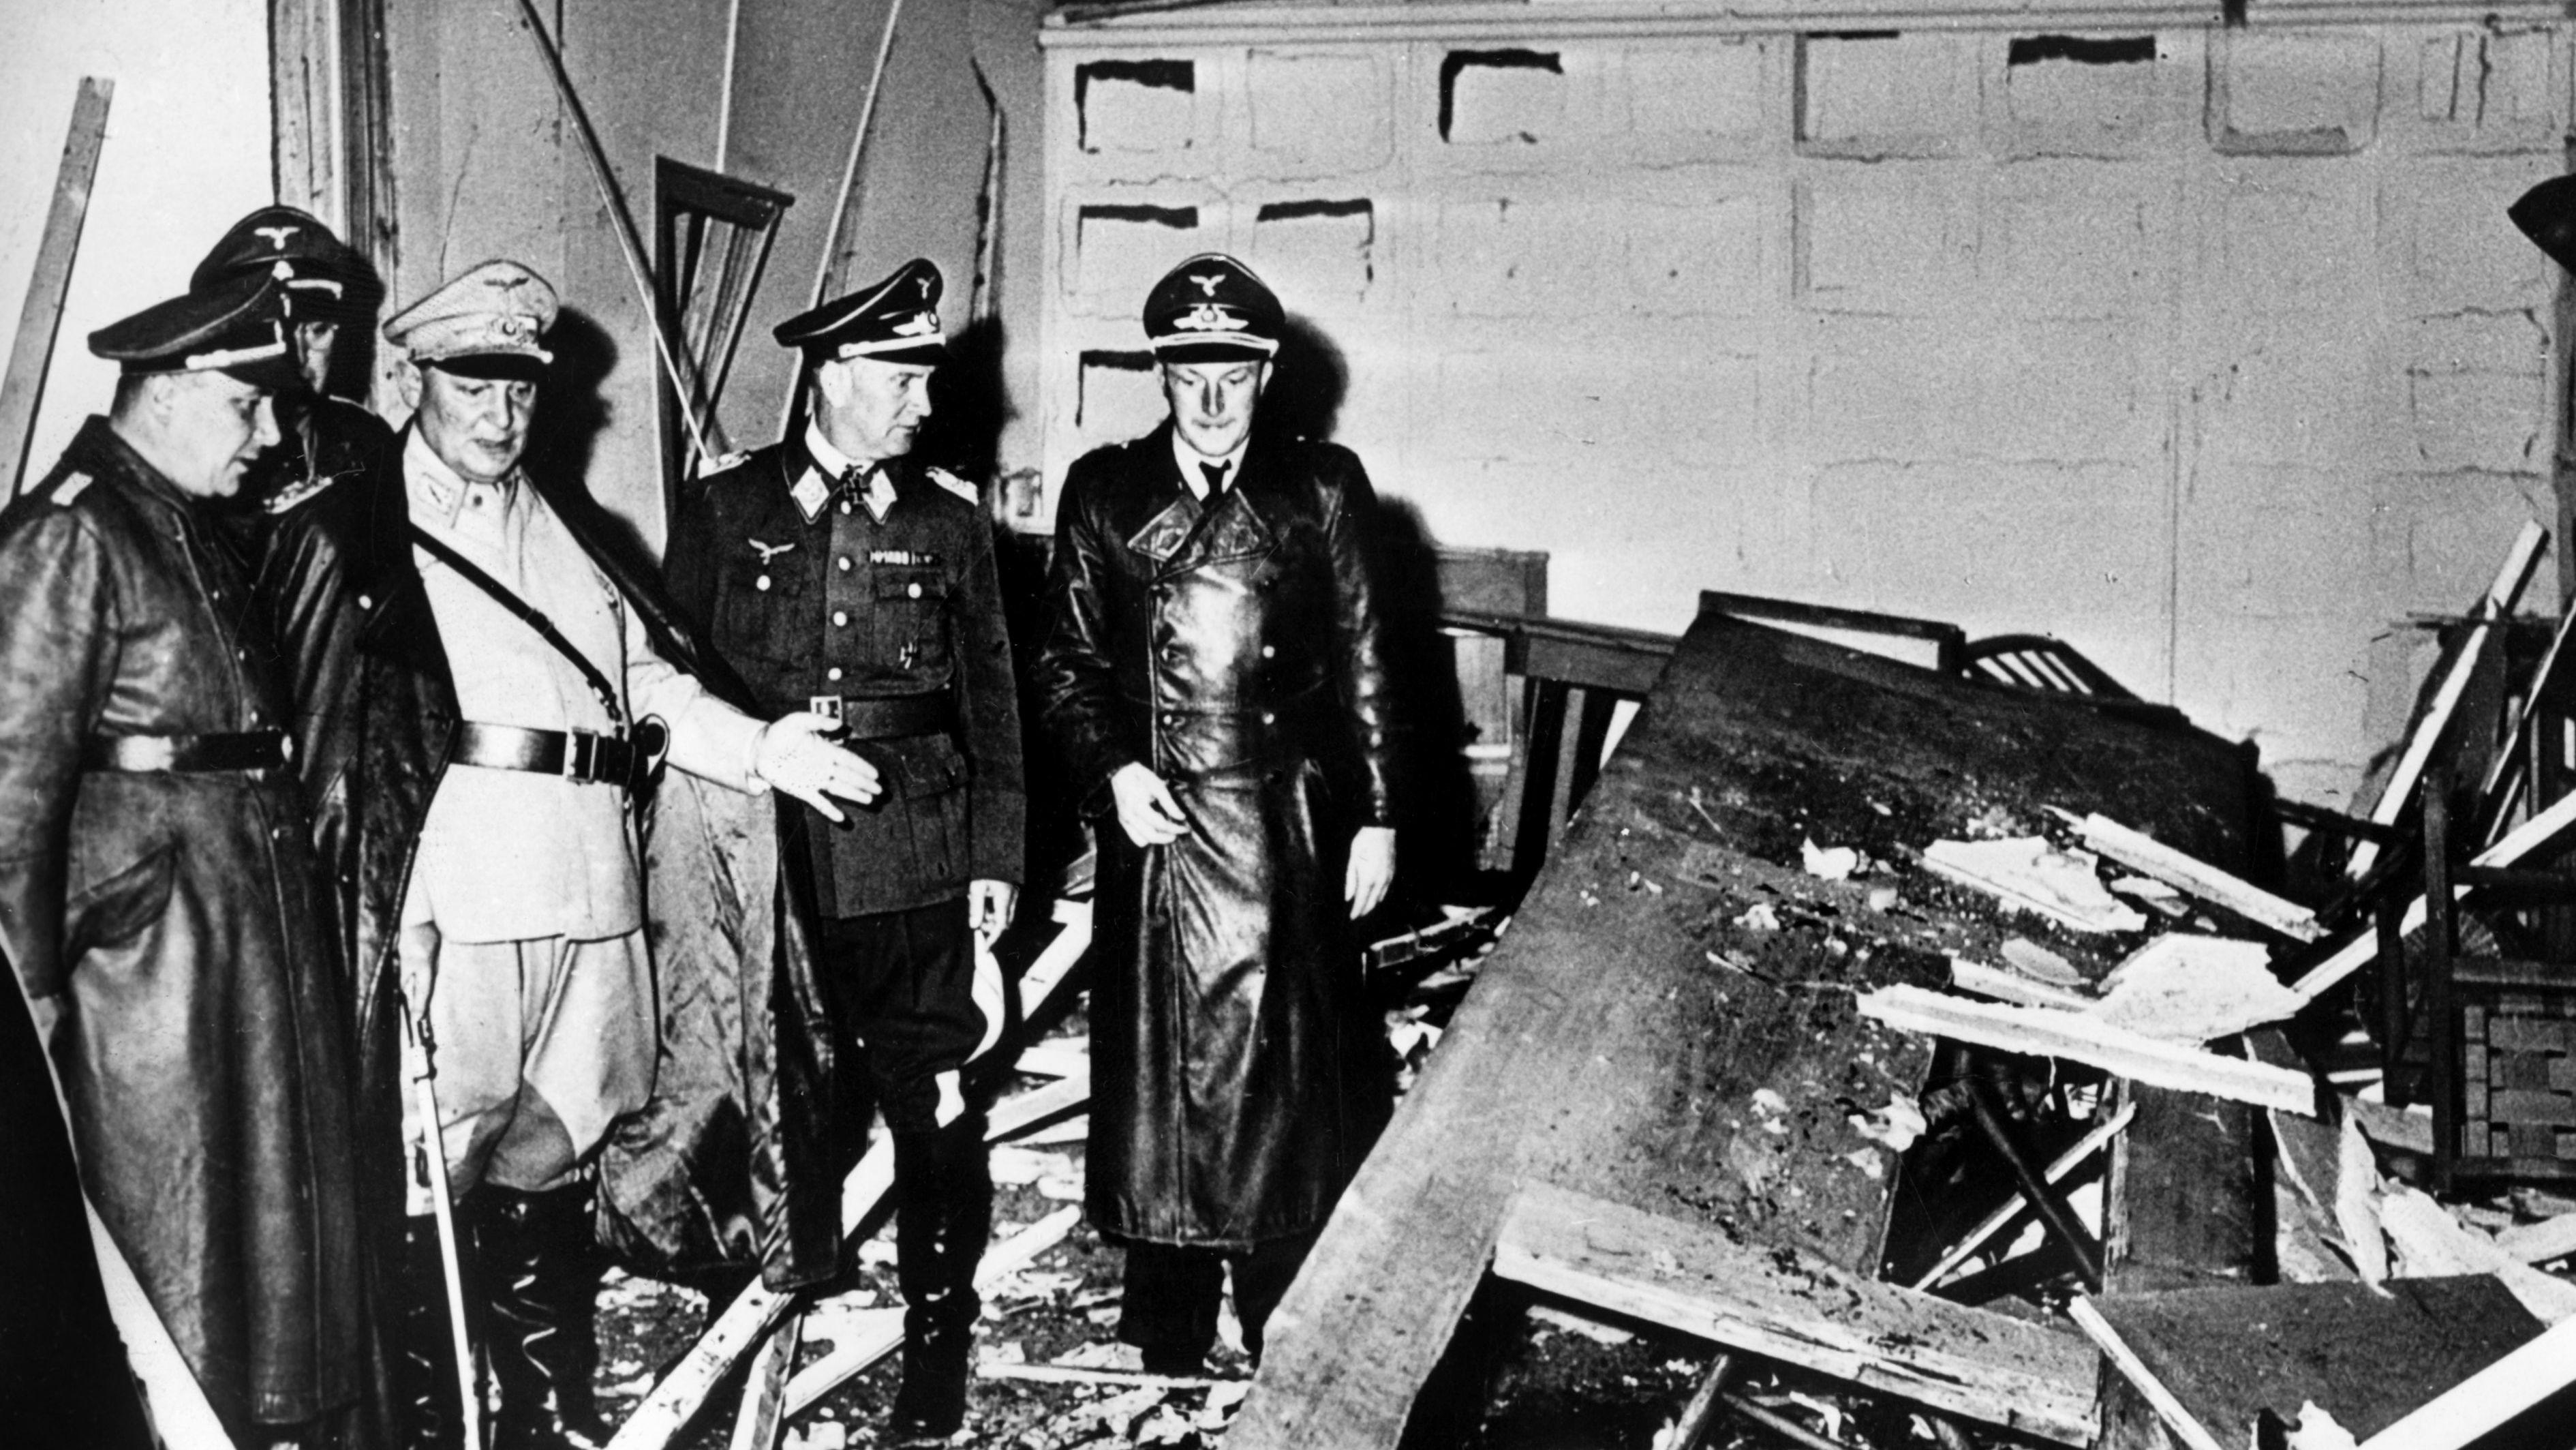 Reichsmarschall Hermann Göring begutachtet die Zerstörung im Führerhauptquartier Rastenburg, wo am 20. Juli 1944 eine Sprengladung zündete